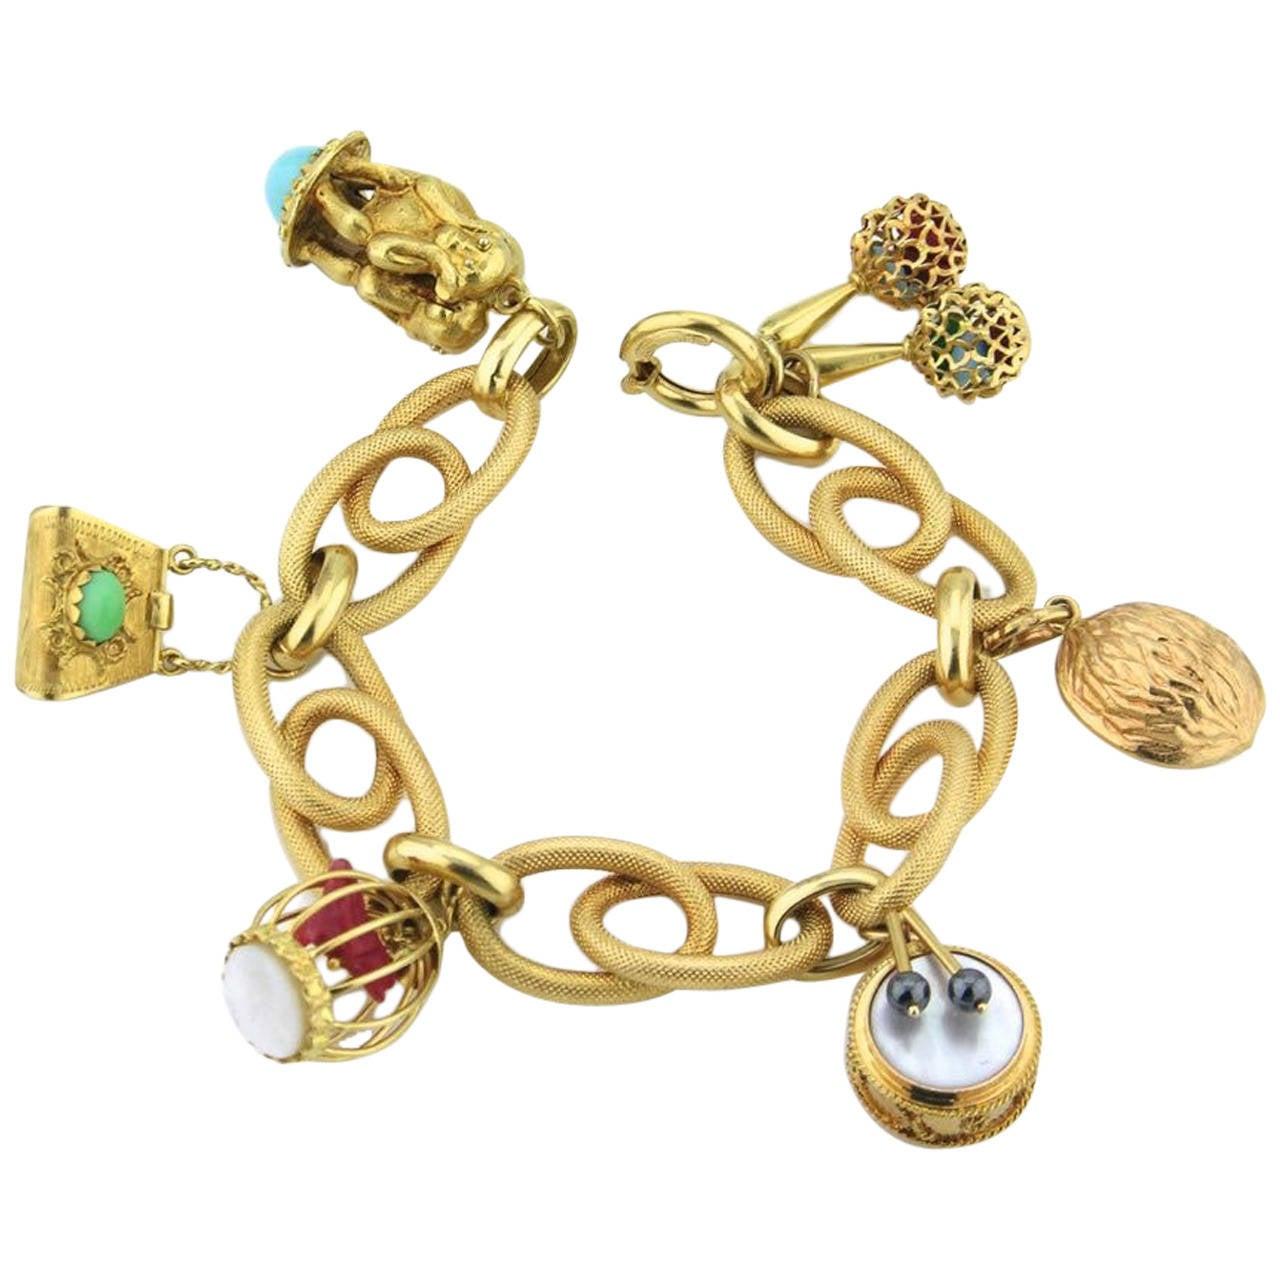 Italian Charm Bracelet Brands: 1960s Italian Gold Charm Bracelet At 1stdibs